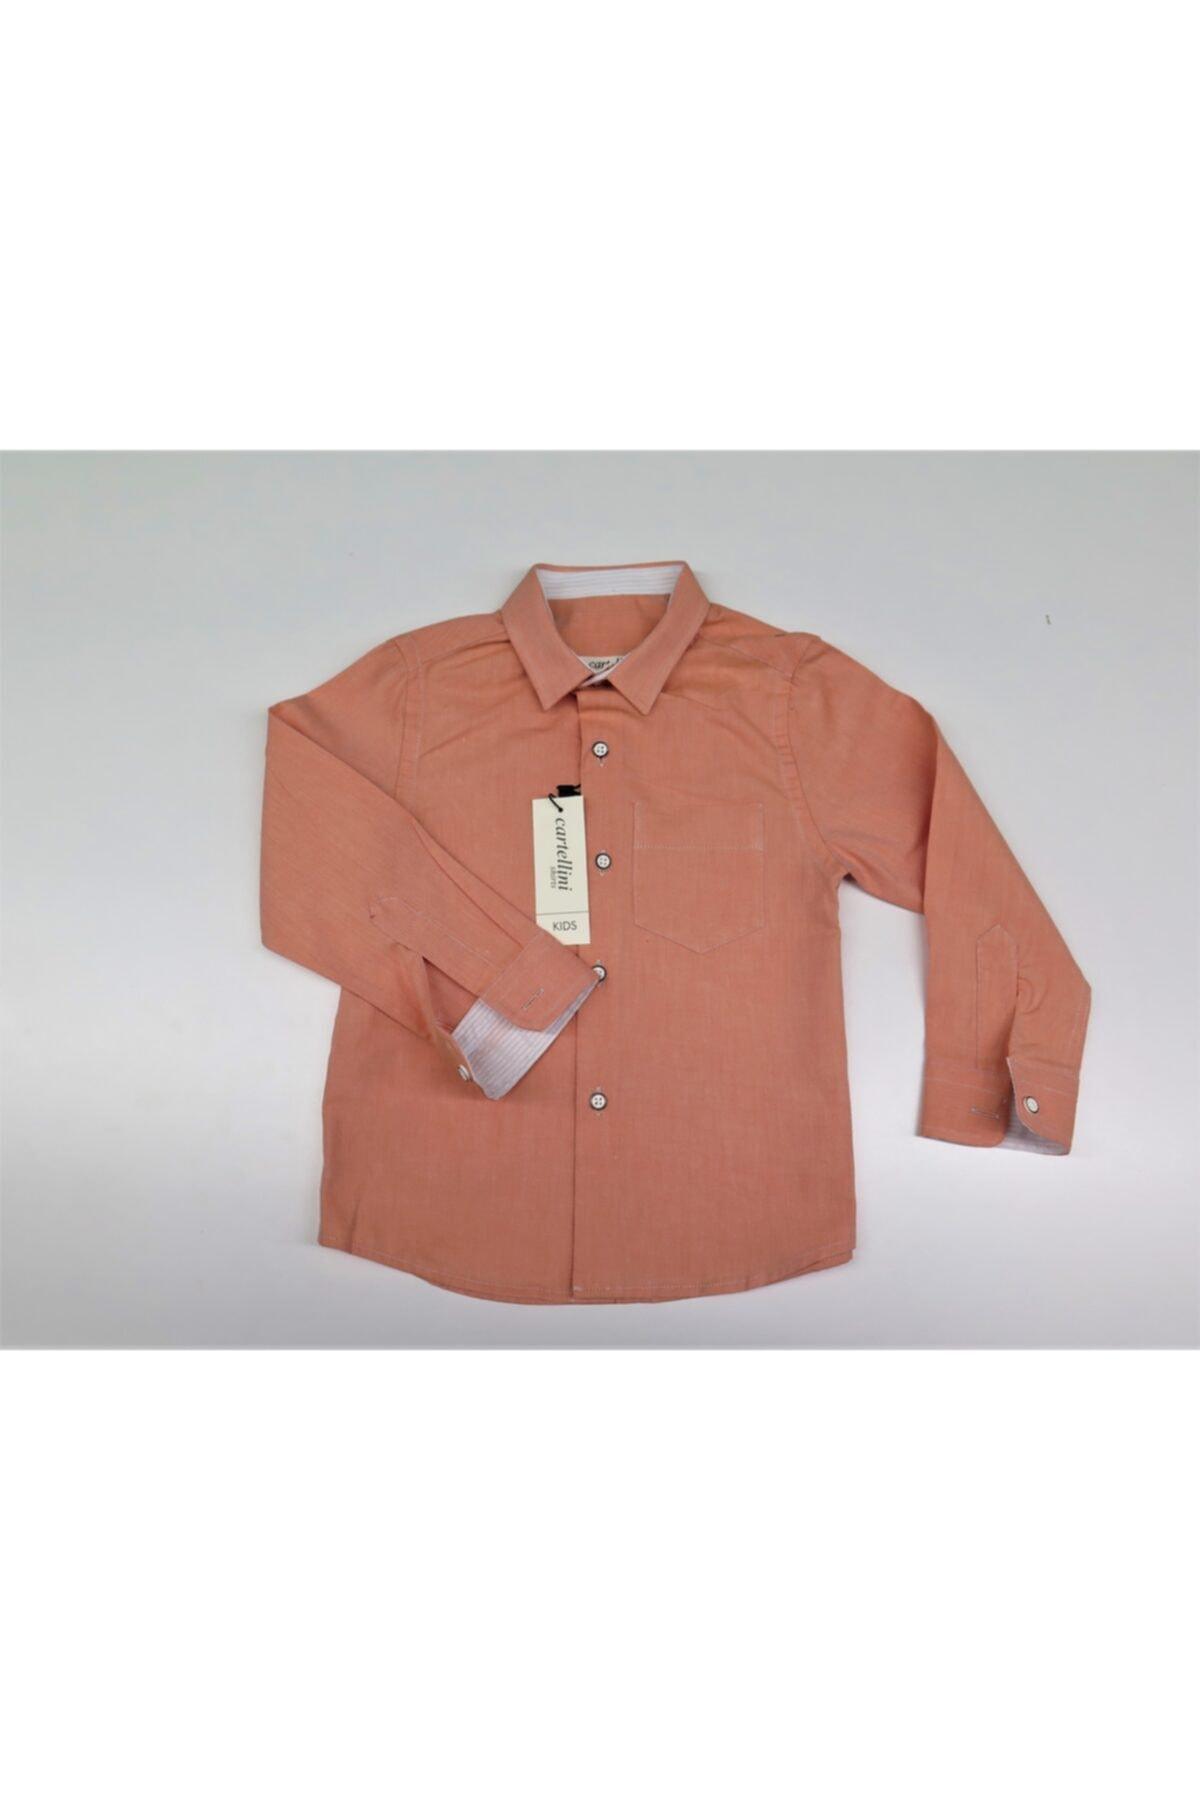 پیراهن بچه گانه 2021 برند Cartellini رنگ نارنجی کد ty70117521